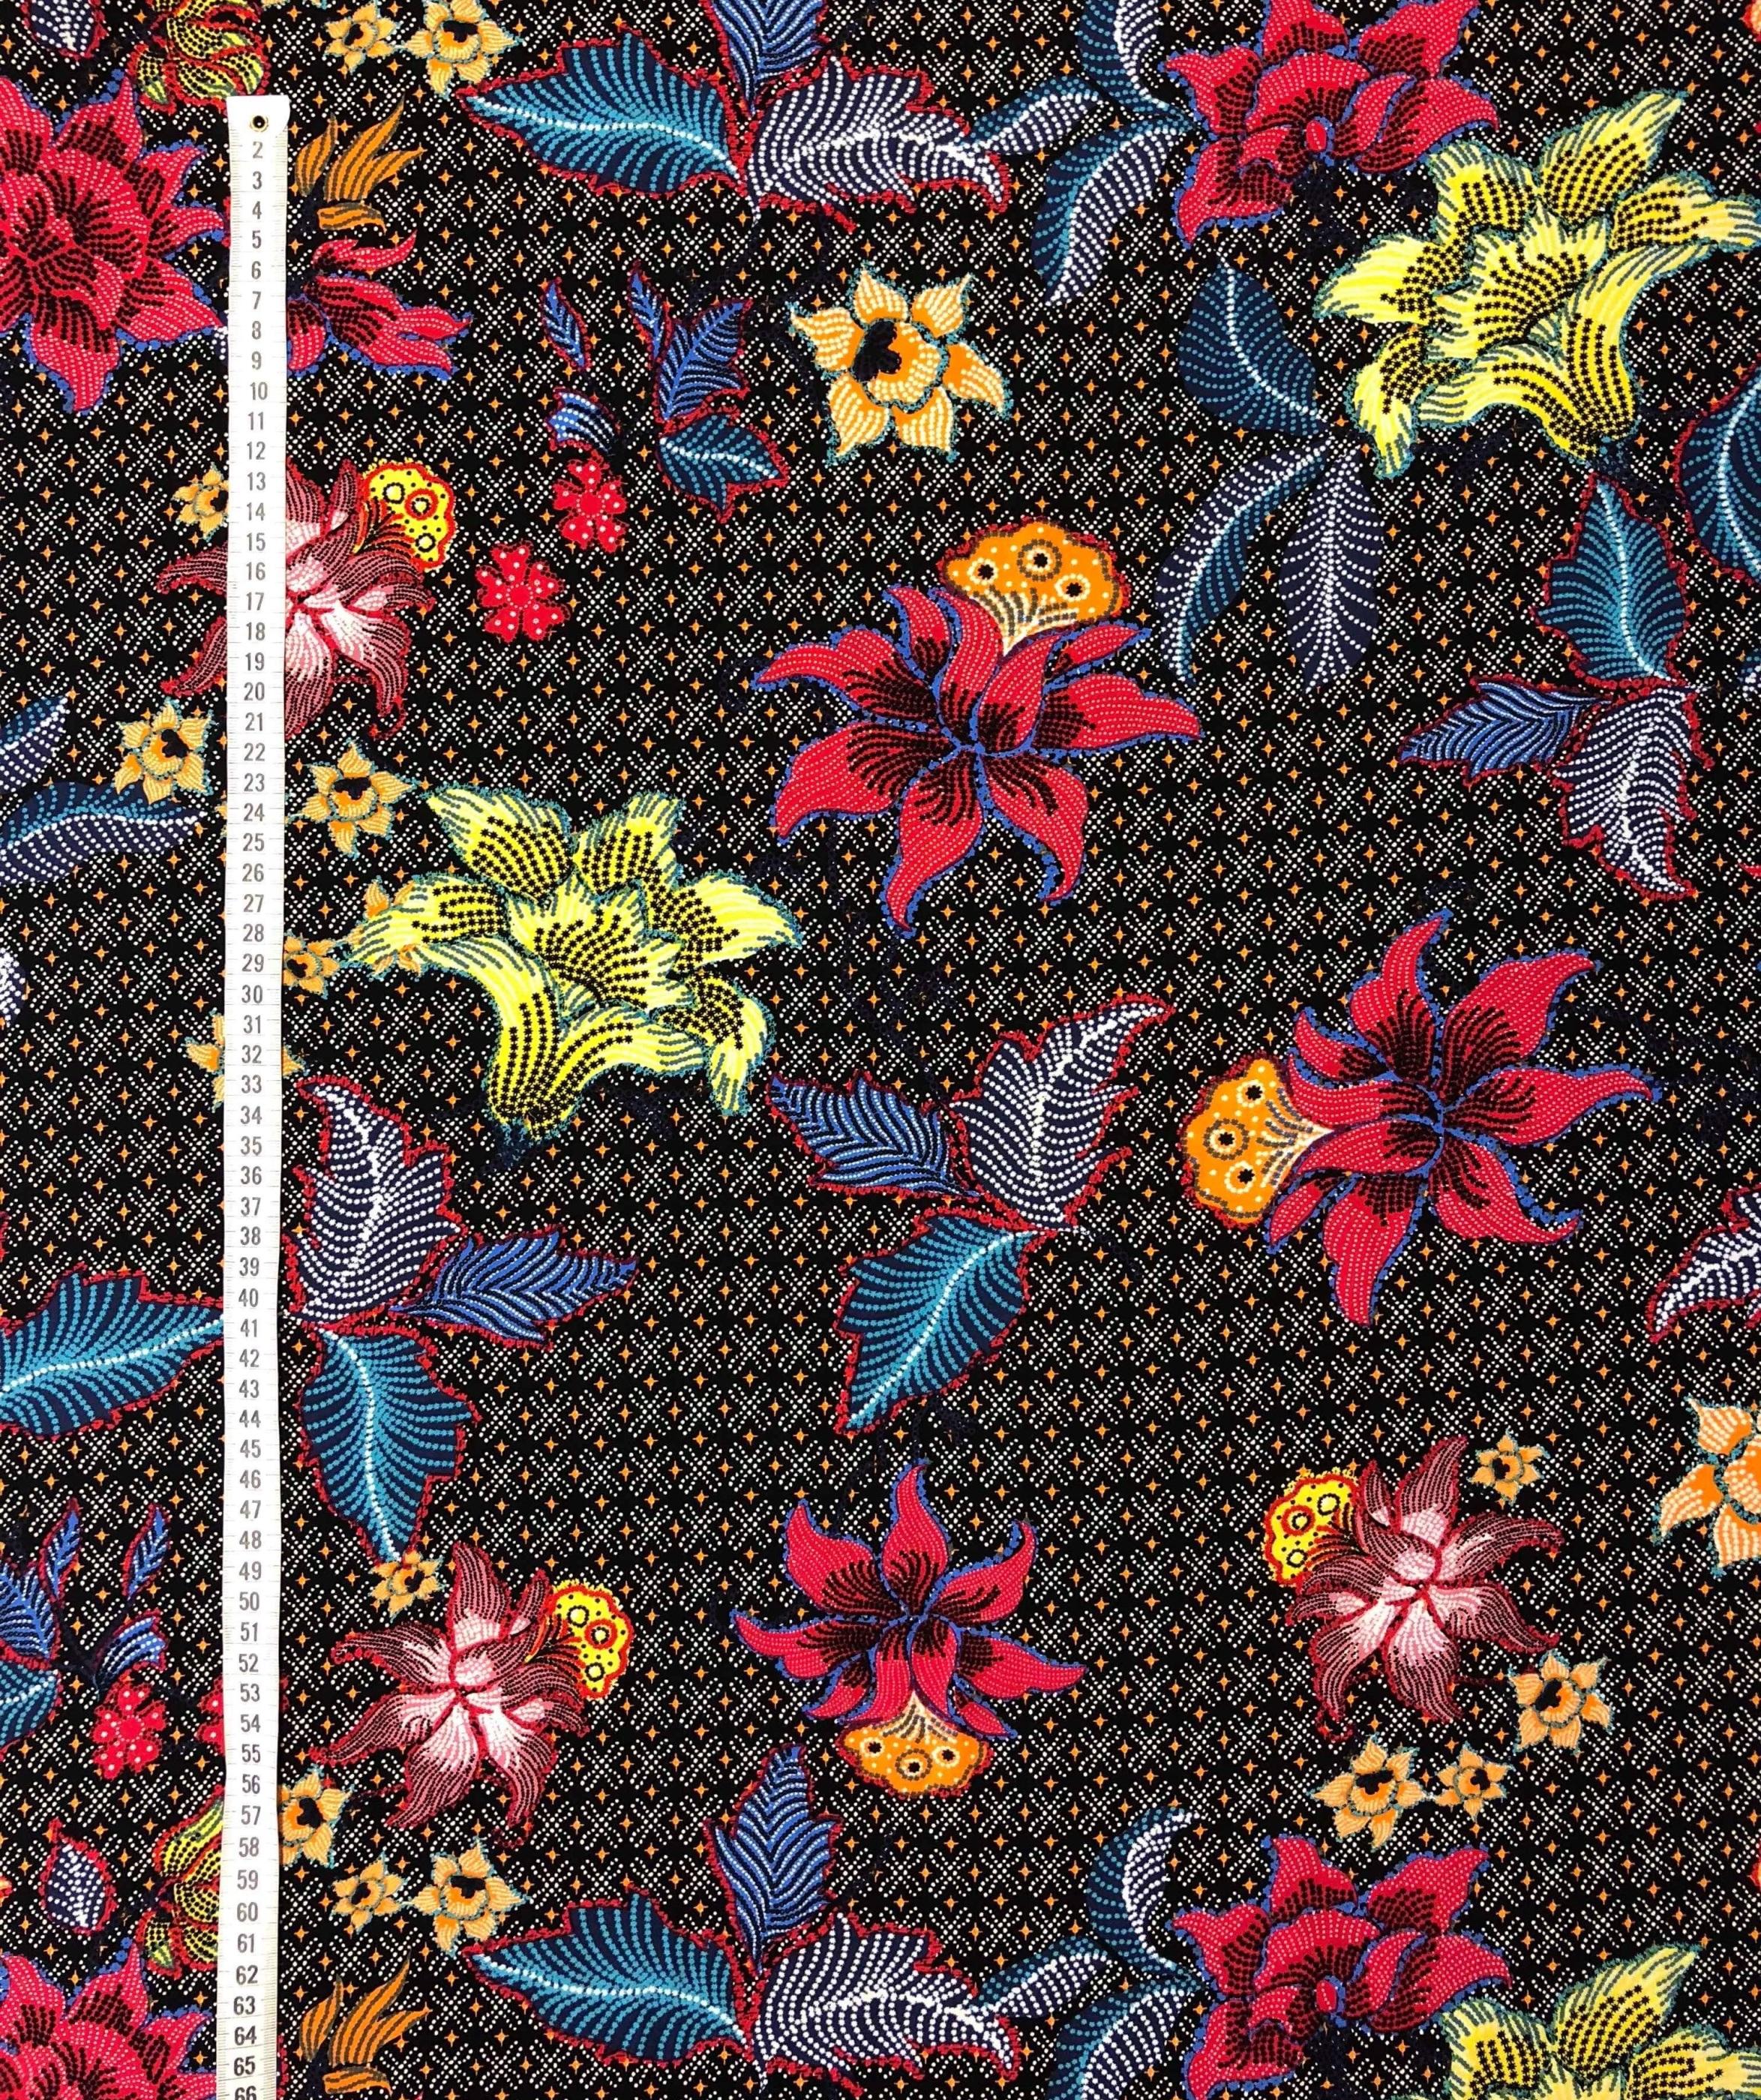 Tigerlilja lilja blommor viscose metervara modetyg Tyglus t Laholm